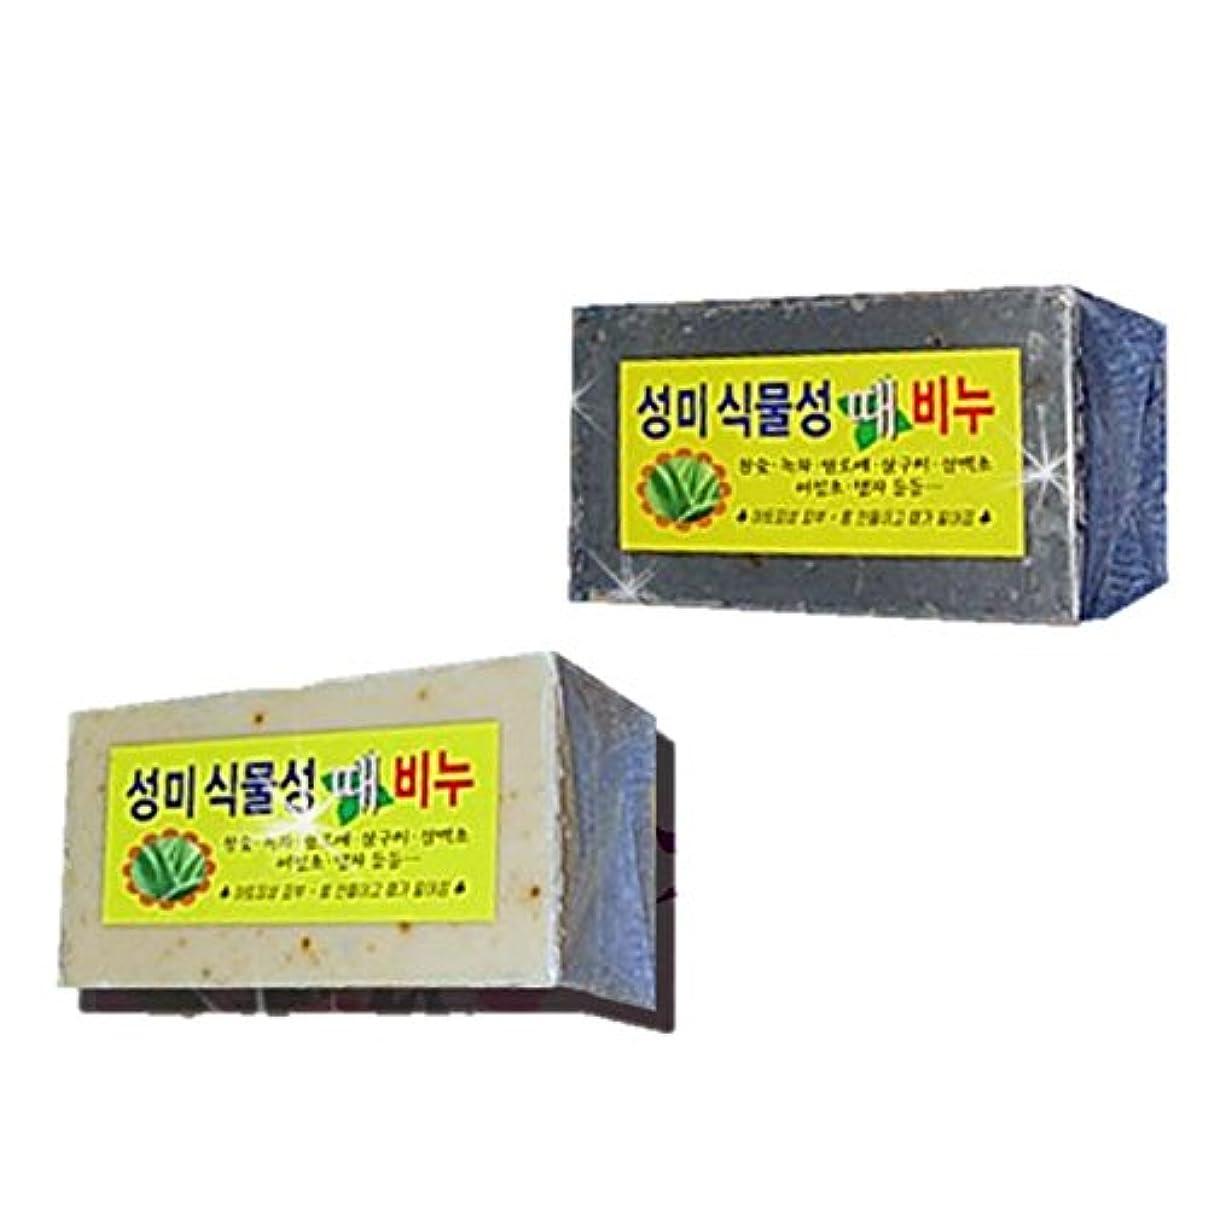 感謝する従順な層(韓国ブランド) 植物性 垢すり石鹸 (あかすりソープ) (5個)